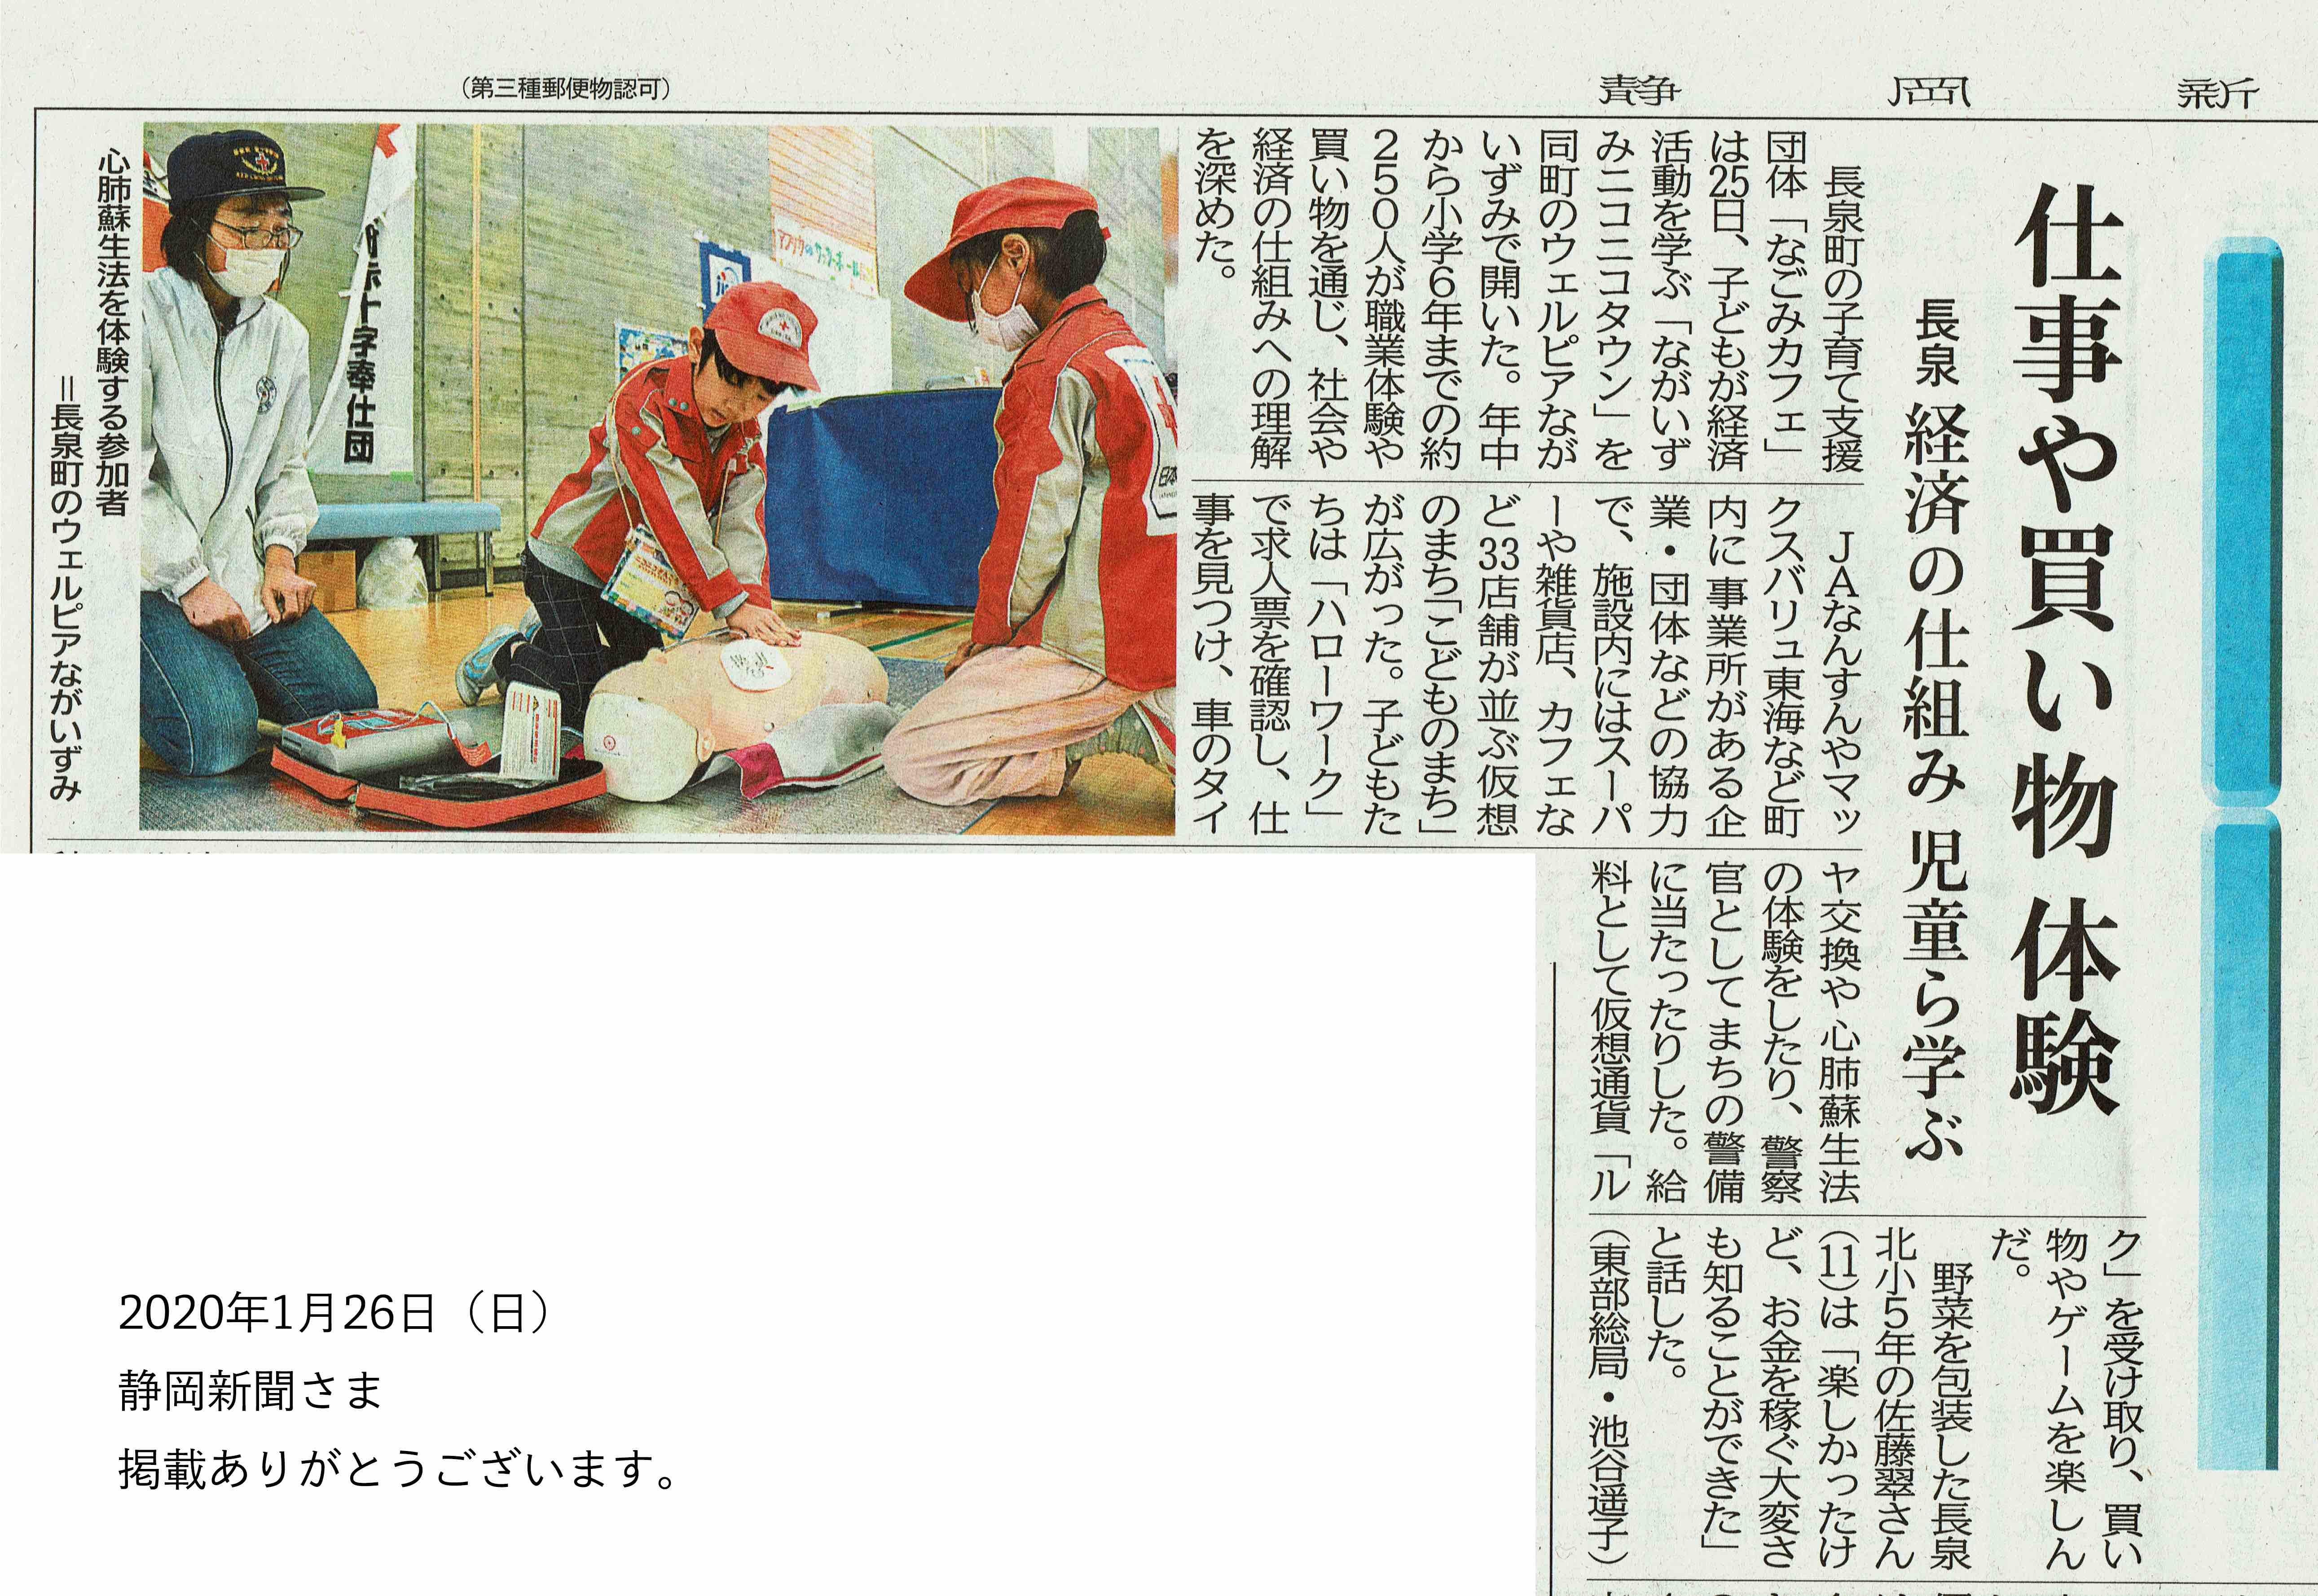 ニコニコタウン静岡新聞20200126